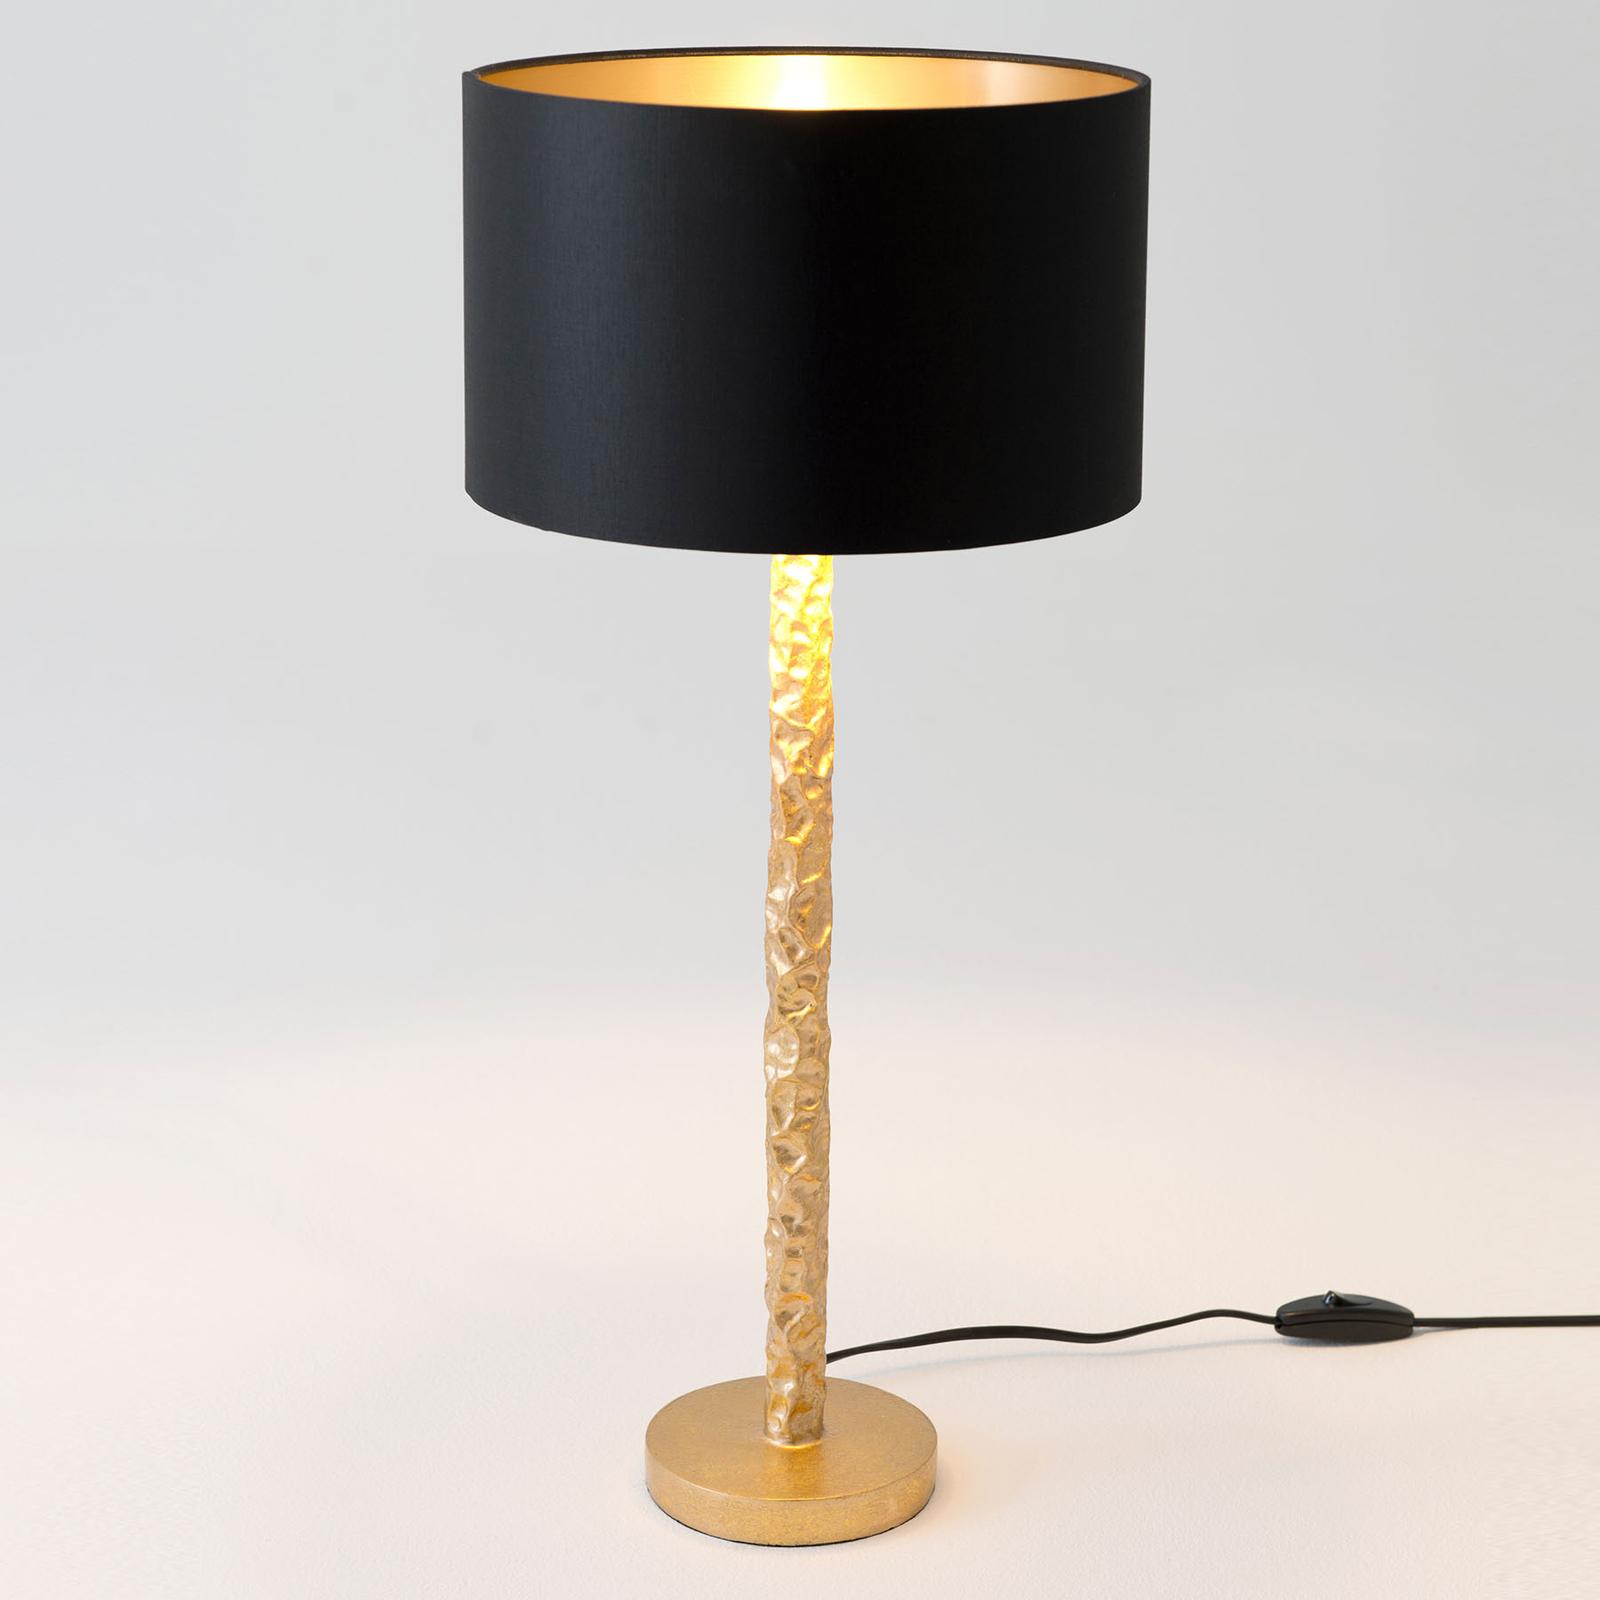 Cancelliere Rotonda bordlampe, sort/guld, 57 cm